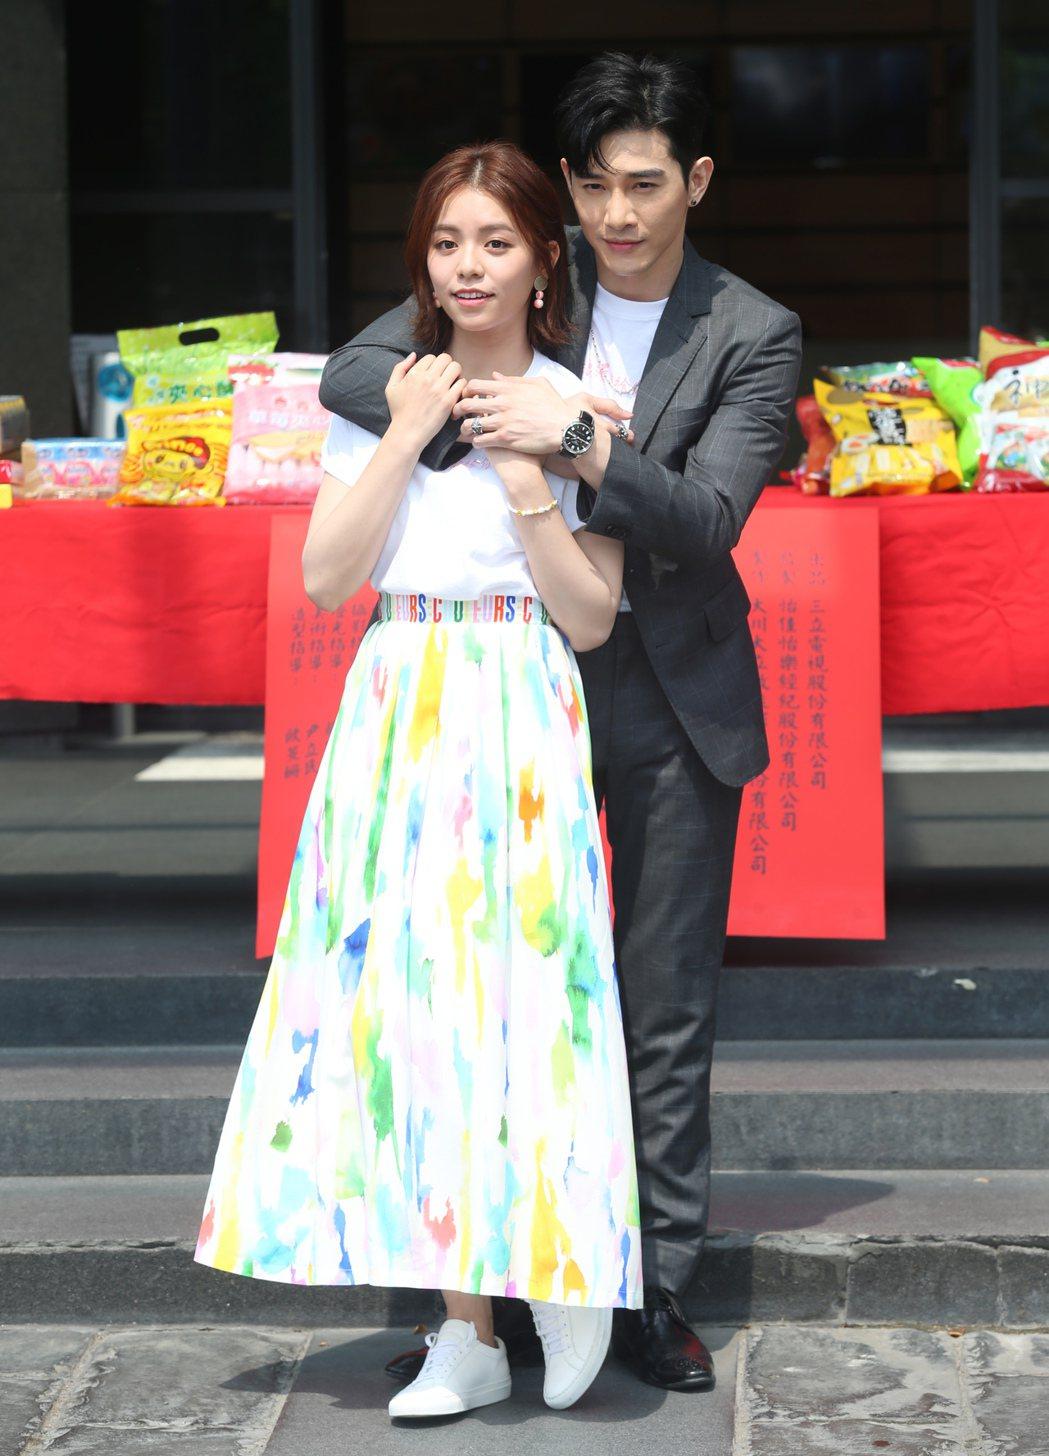 「浪漫輸給你」14日舉辦開鏡典禮。記者徐兆玄/攝影